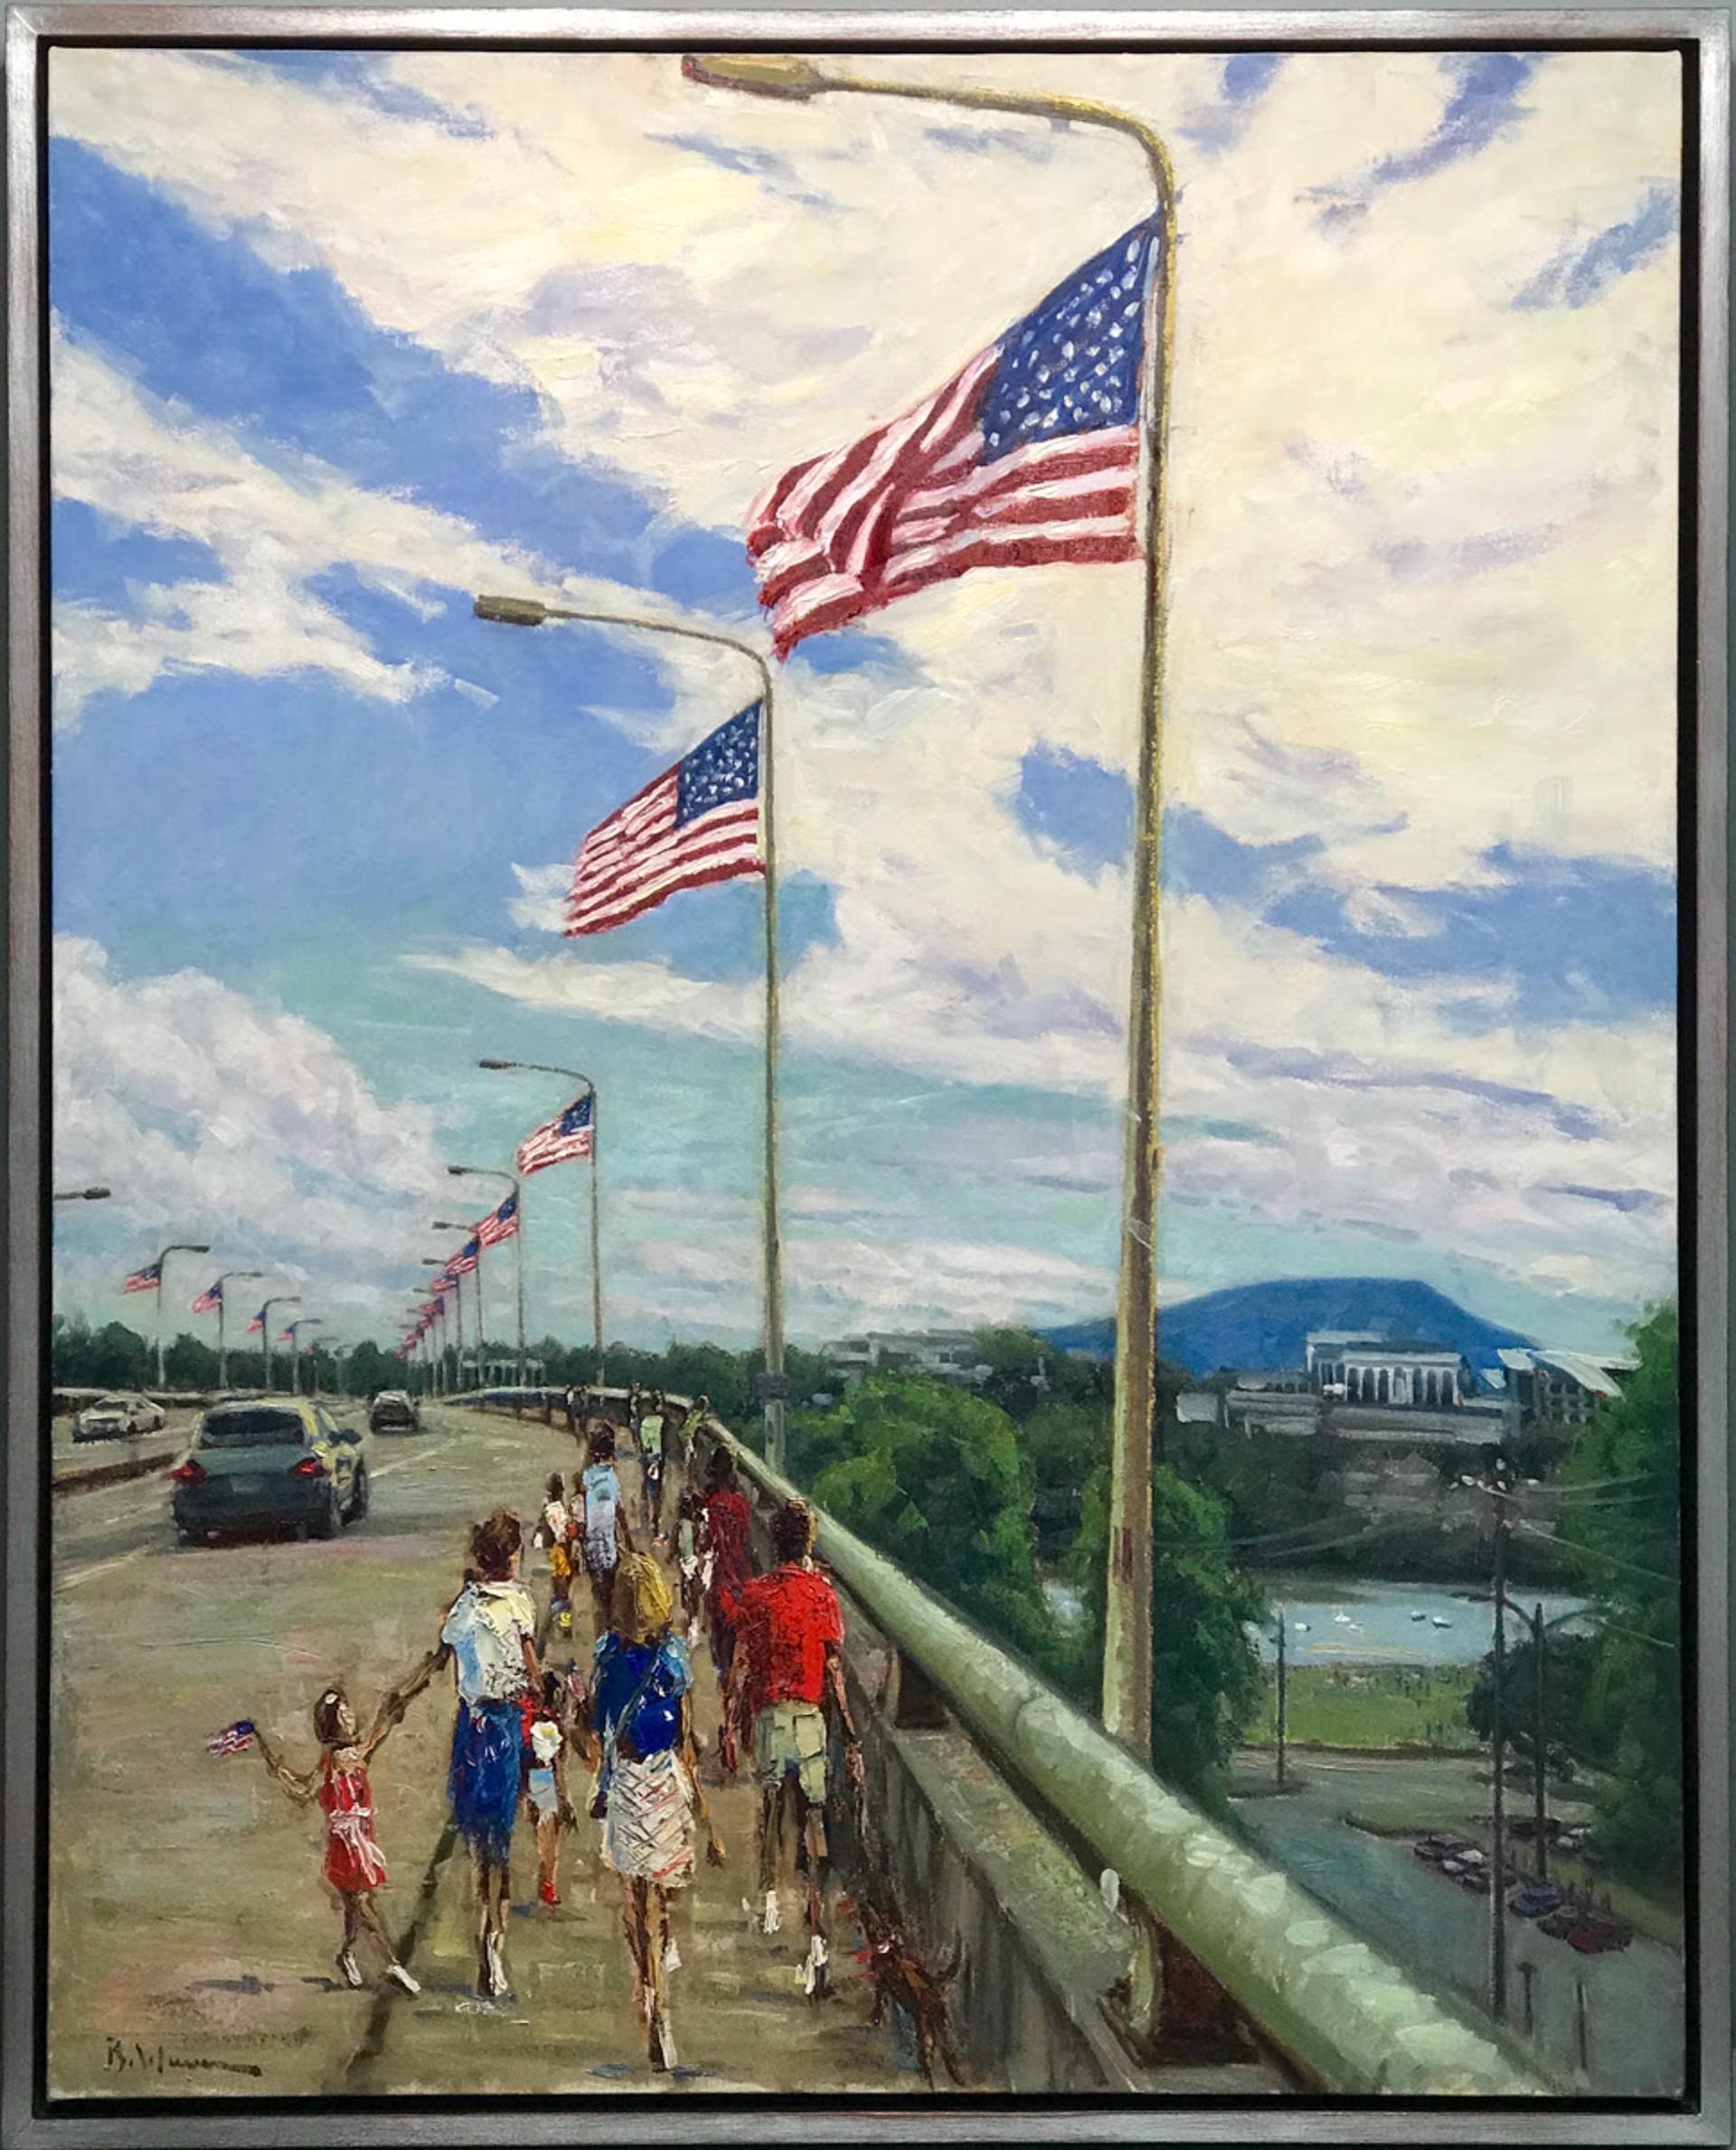 Honoring Our Veterans by Brett Weaver